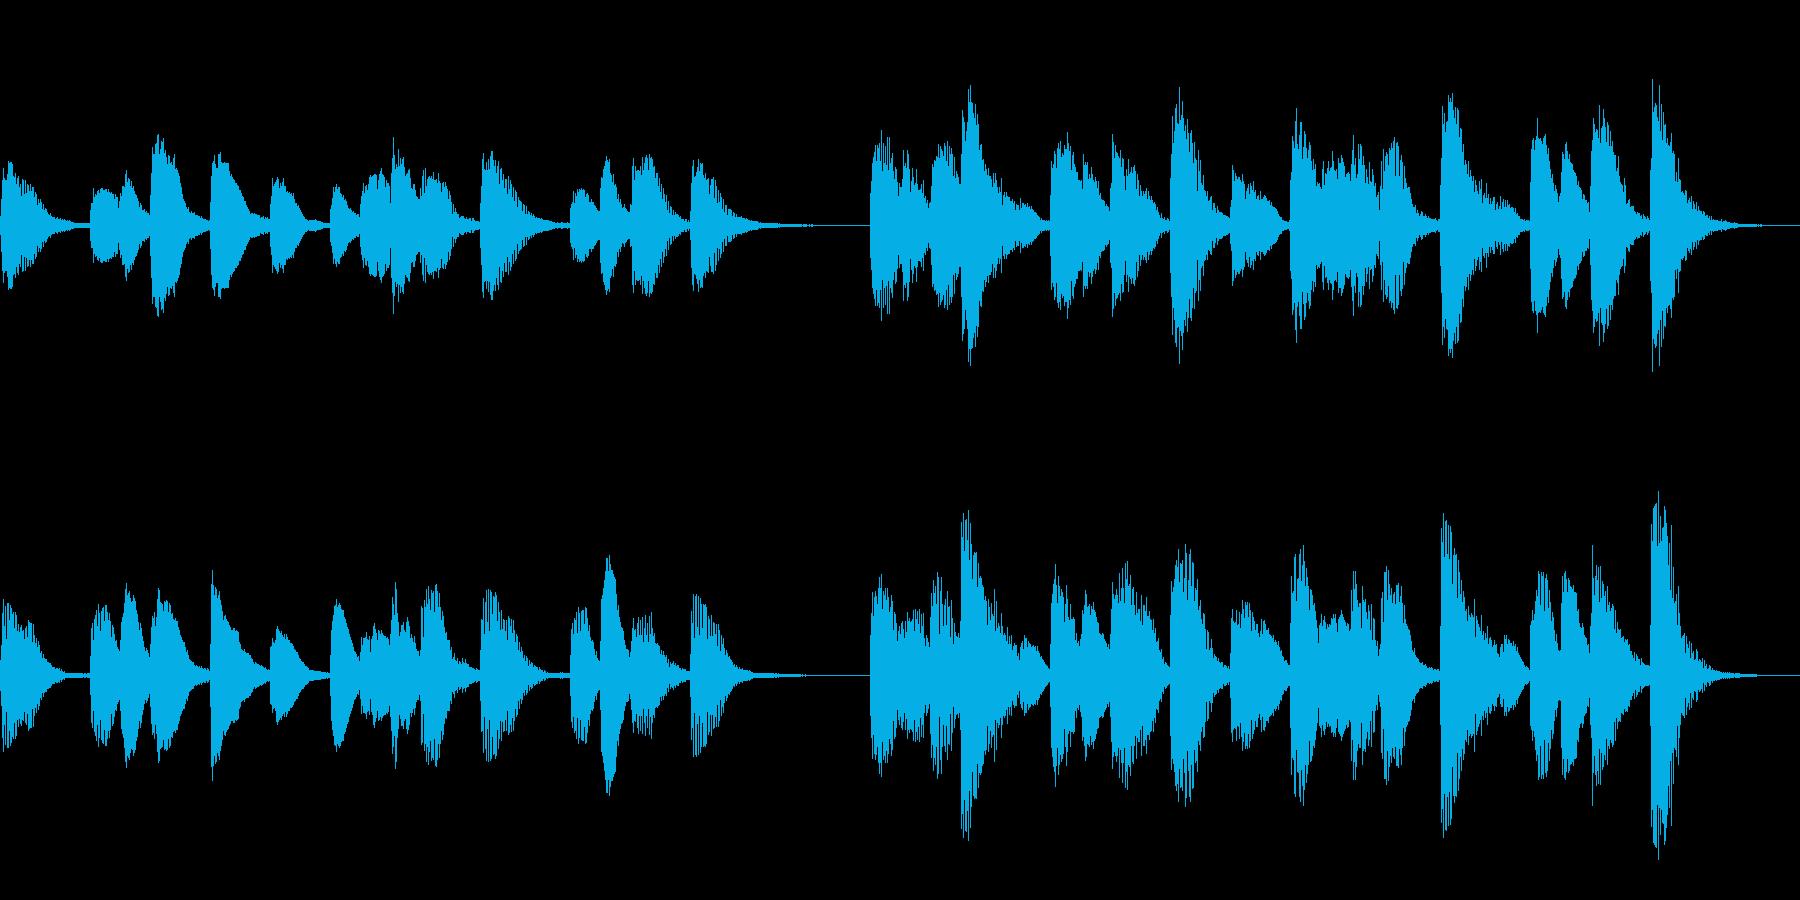 ラテン系ピアノソロサウンドの再生済みの波形